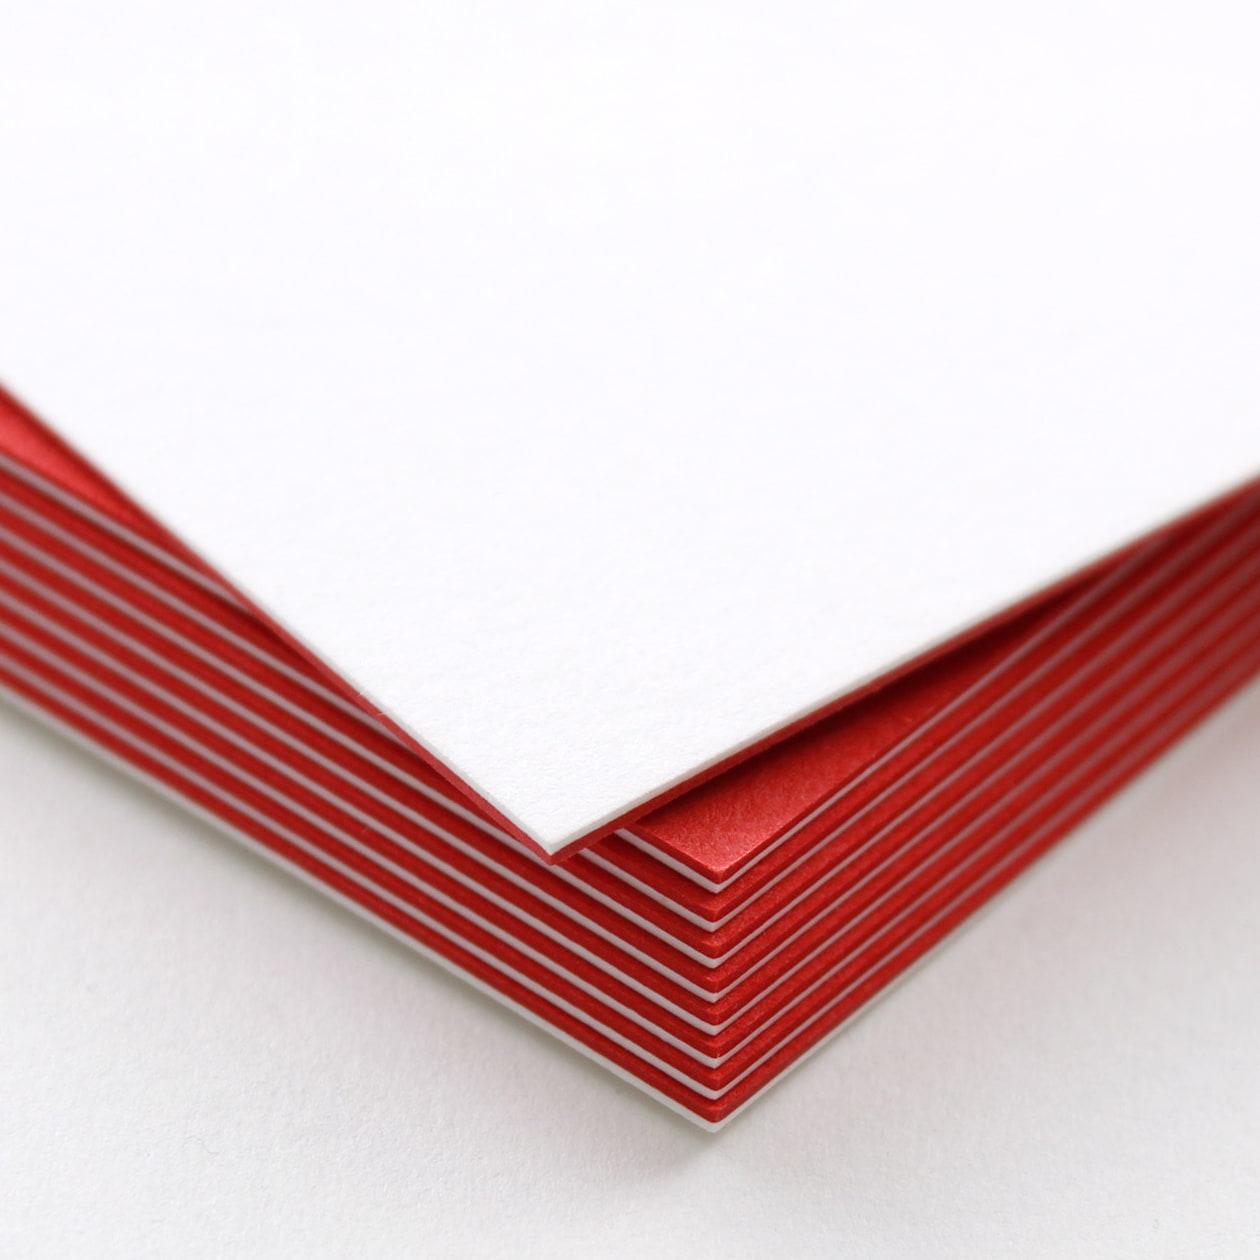 ネームカード 二層合紙 スノーホワイト×レッド 813.8g